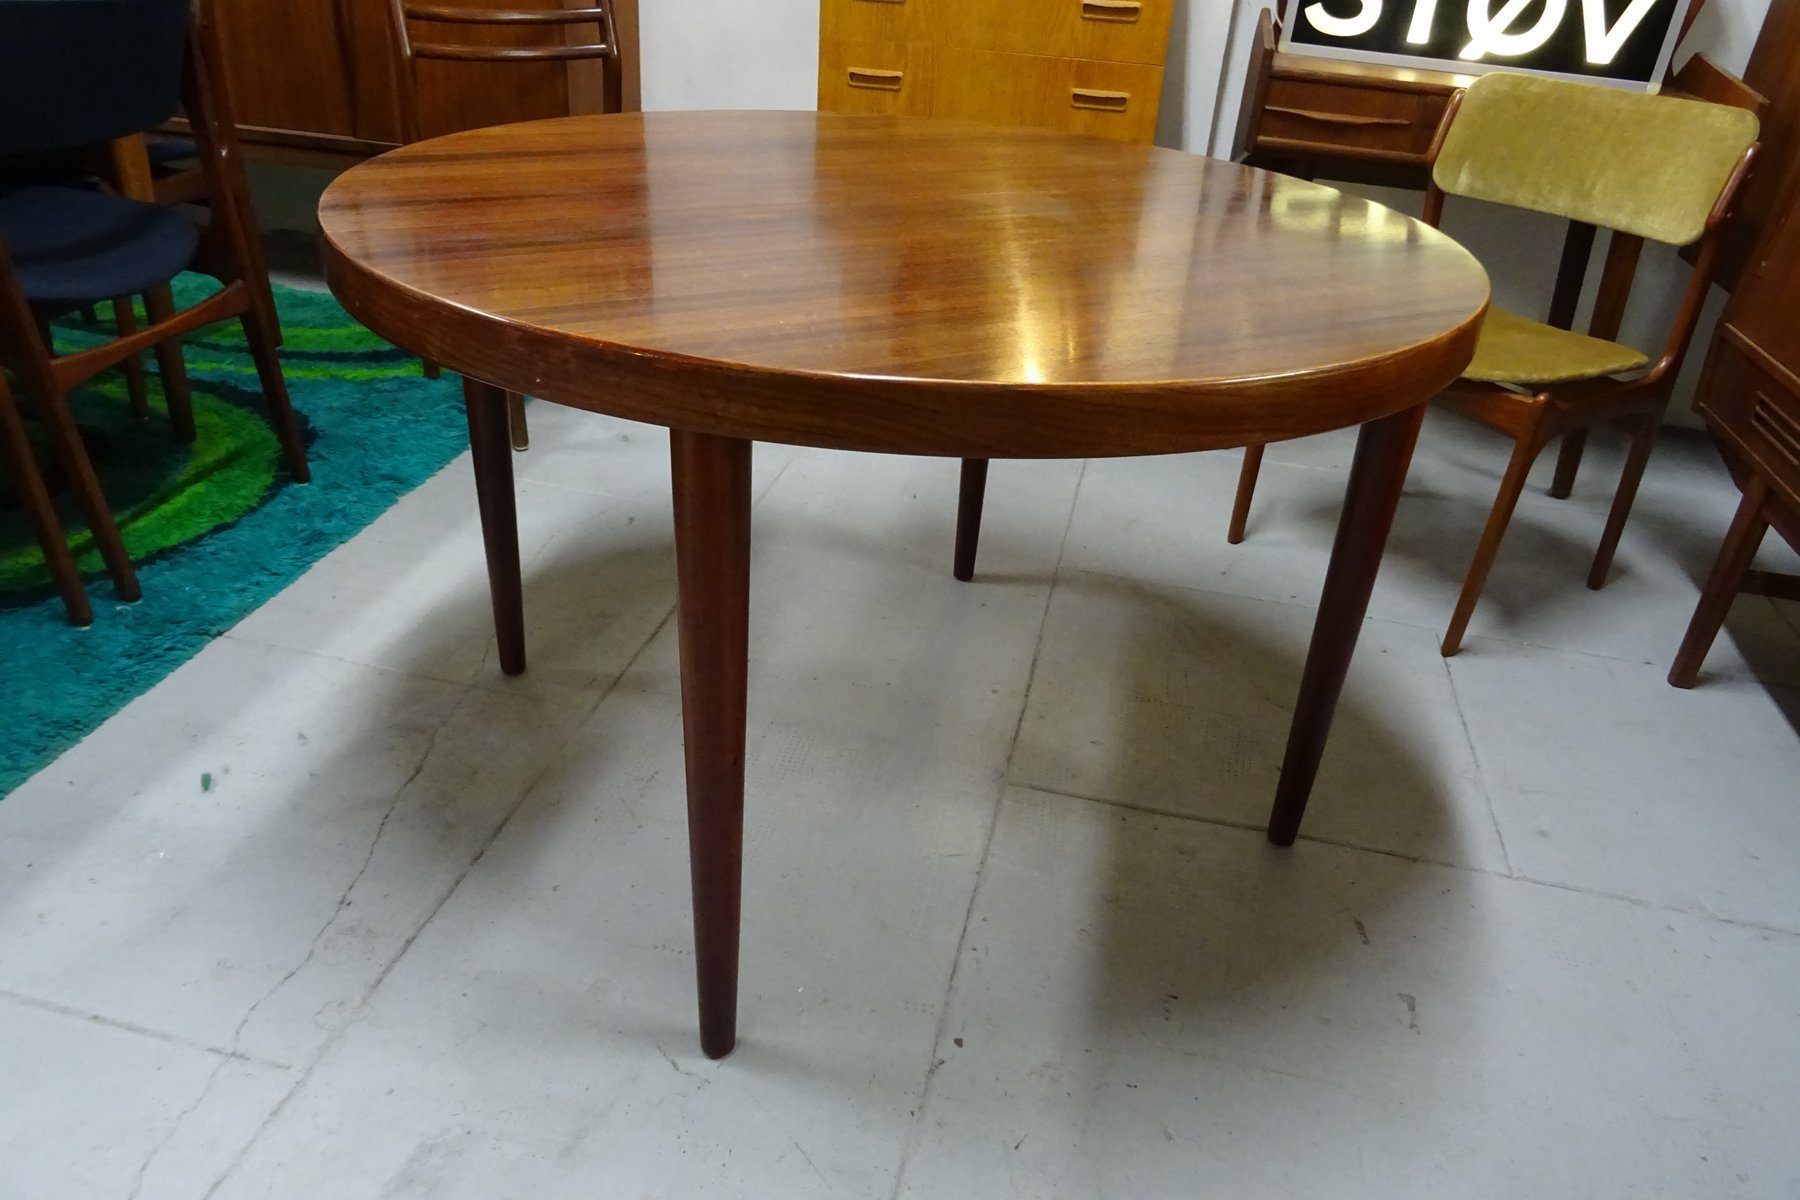 runder ausziehbarer vintage tisch aus palisander von kai kristiansen f r skovmand andersen bei. Black Bedroom Furniture Sets. Home Design Ideas